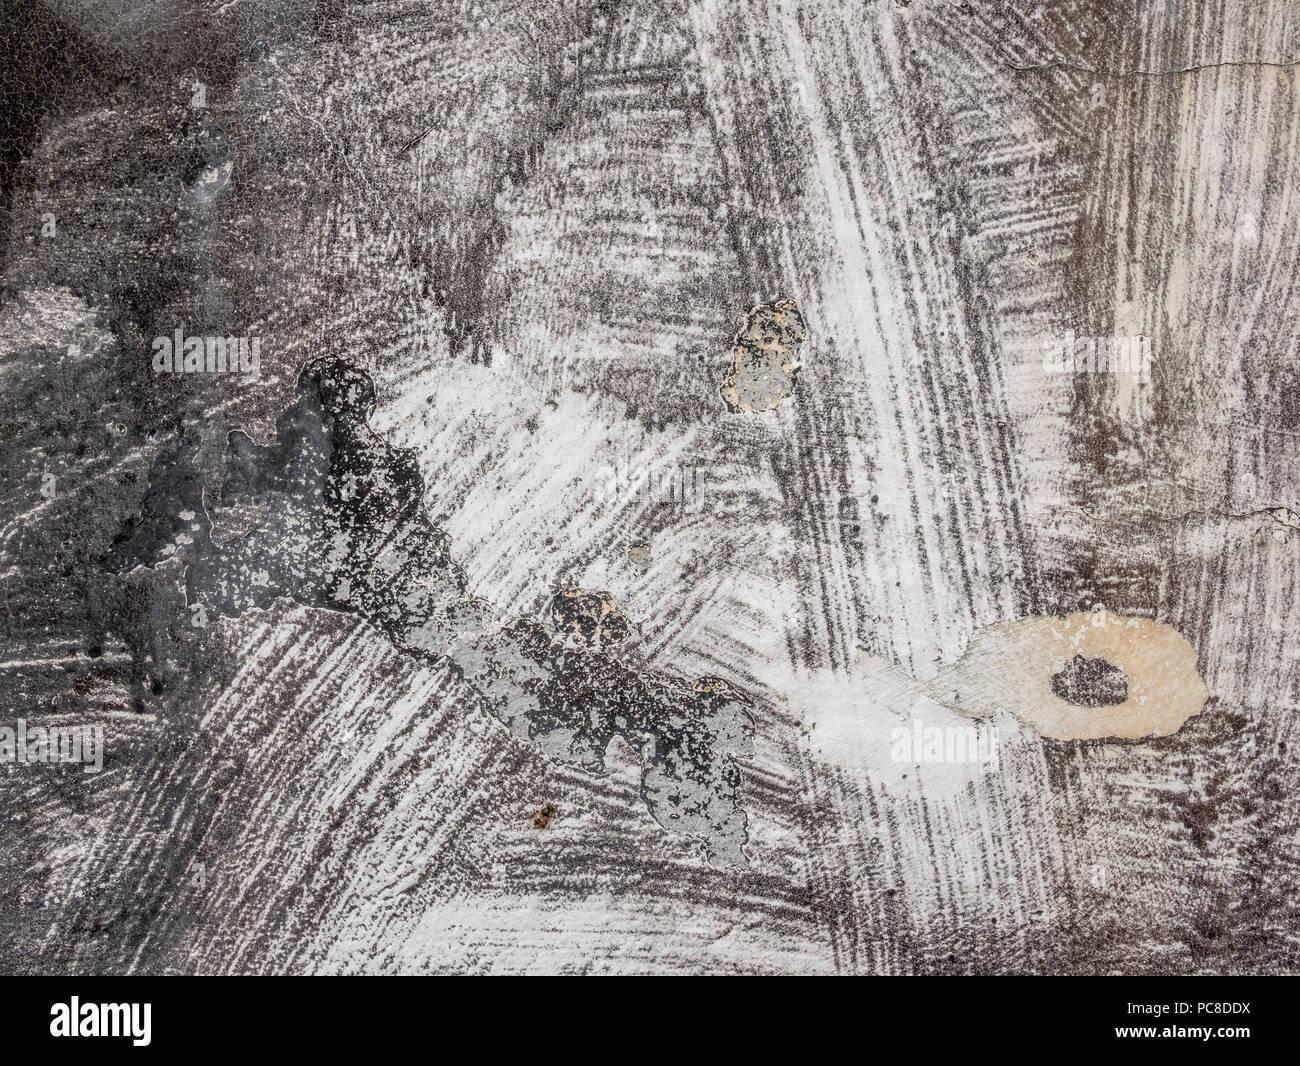 Pareti Esterne Casa : Ruvido e sporco texture di vernice sulle pareti esterne di una